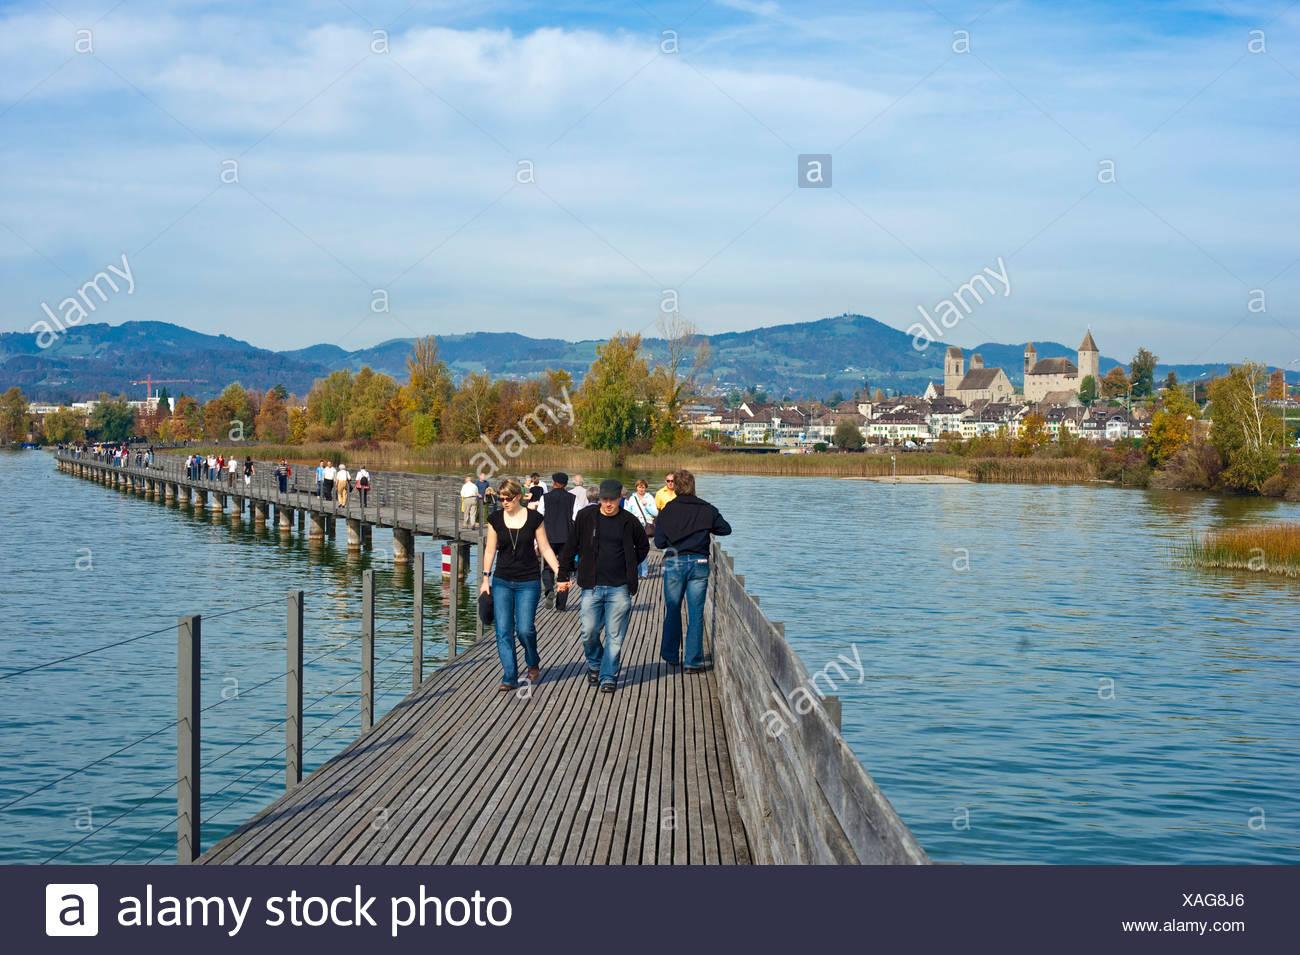 Lake Zurich, St. James' Way, Rapperswil, Sankt Gallen, Switzerland, Europe - Stock Image